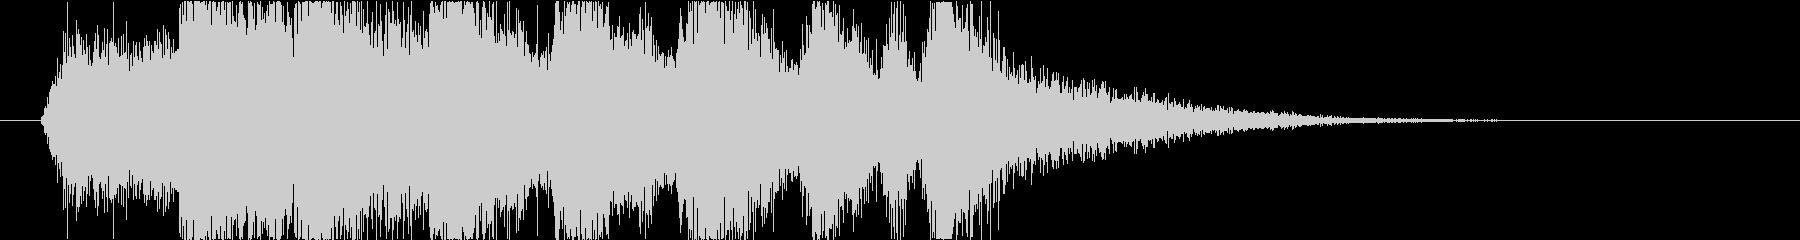 オーケストラでゴージャスなファンファーレの未再生の波形